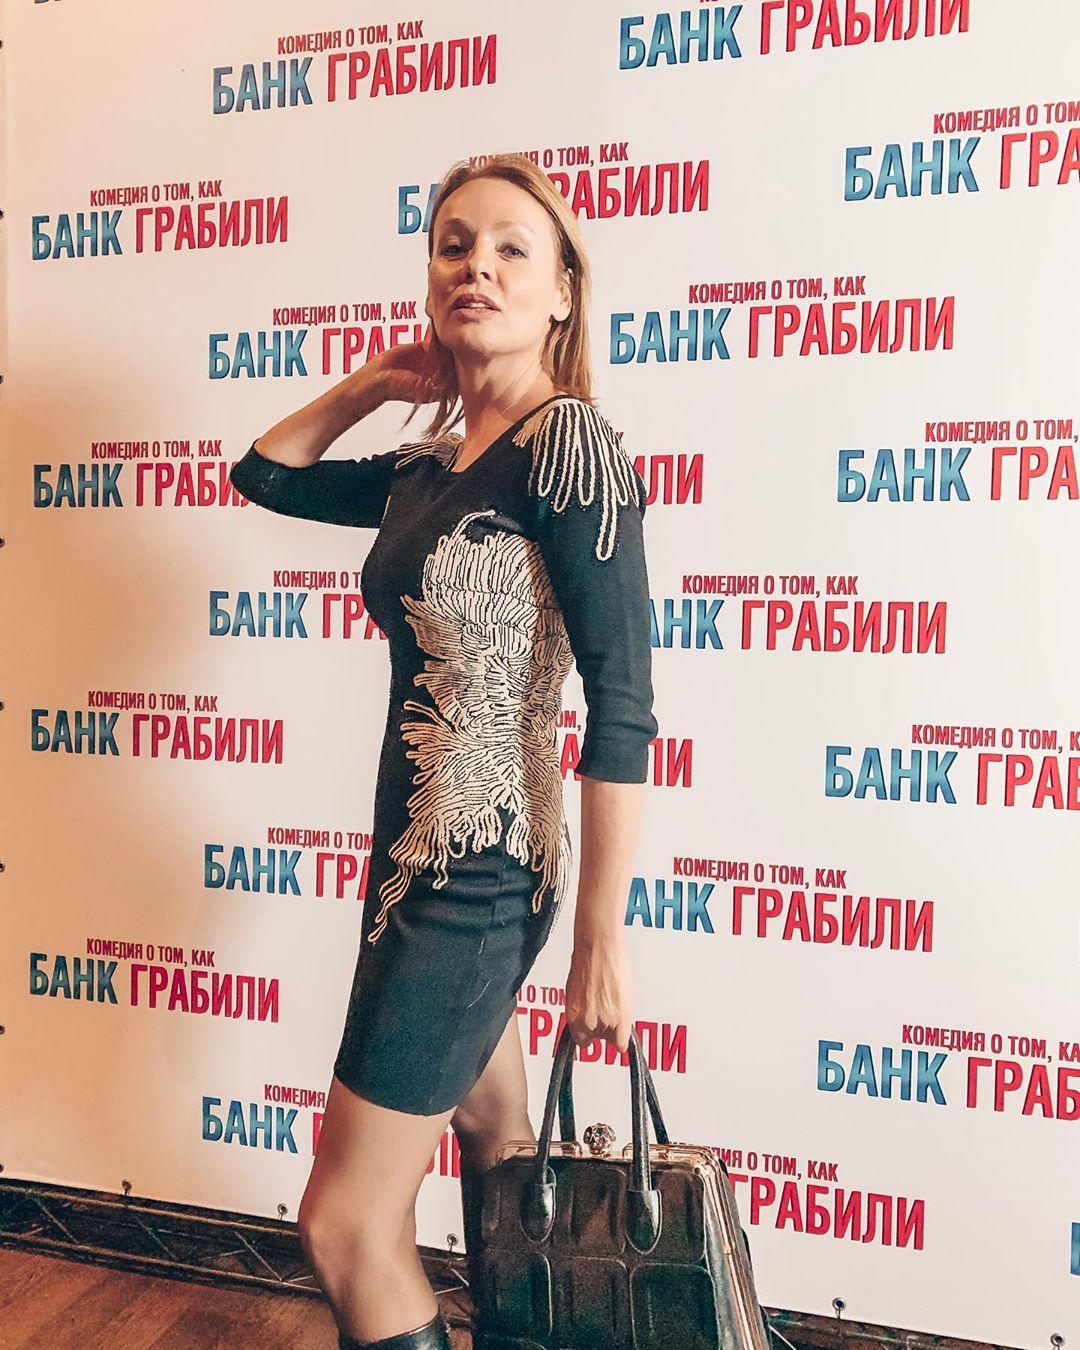 Российские знаменитости в возрасте 50+, которые сохранили безупречную фигуру